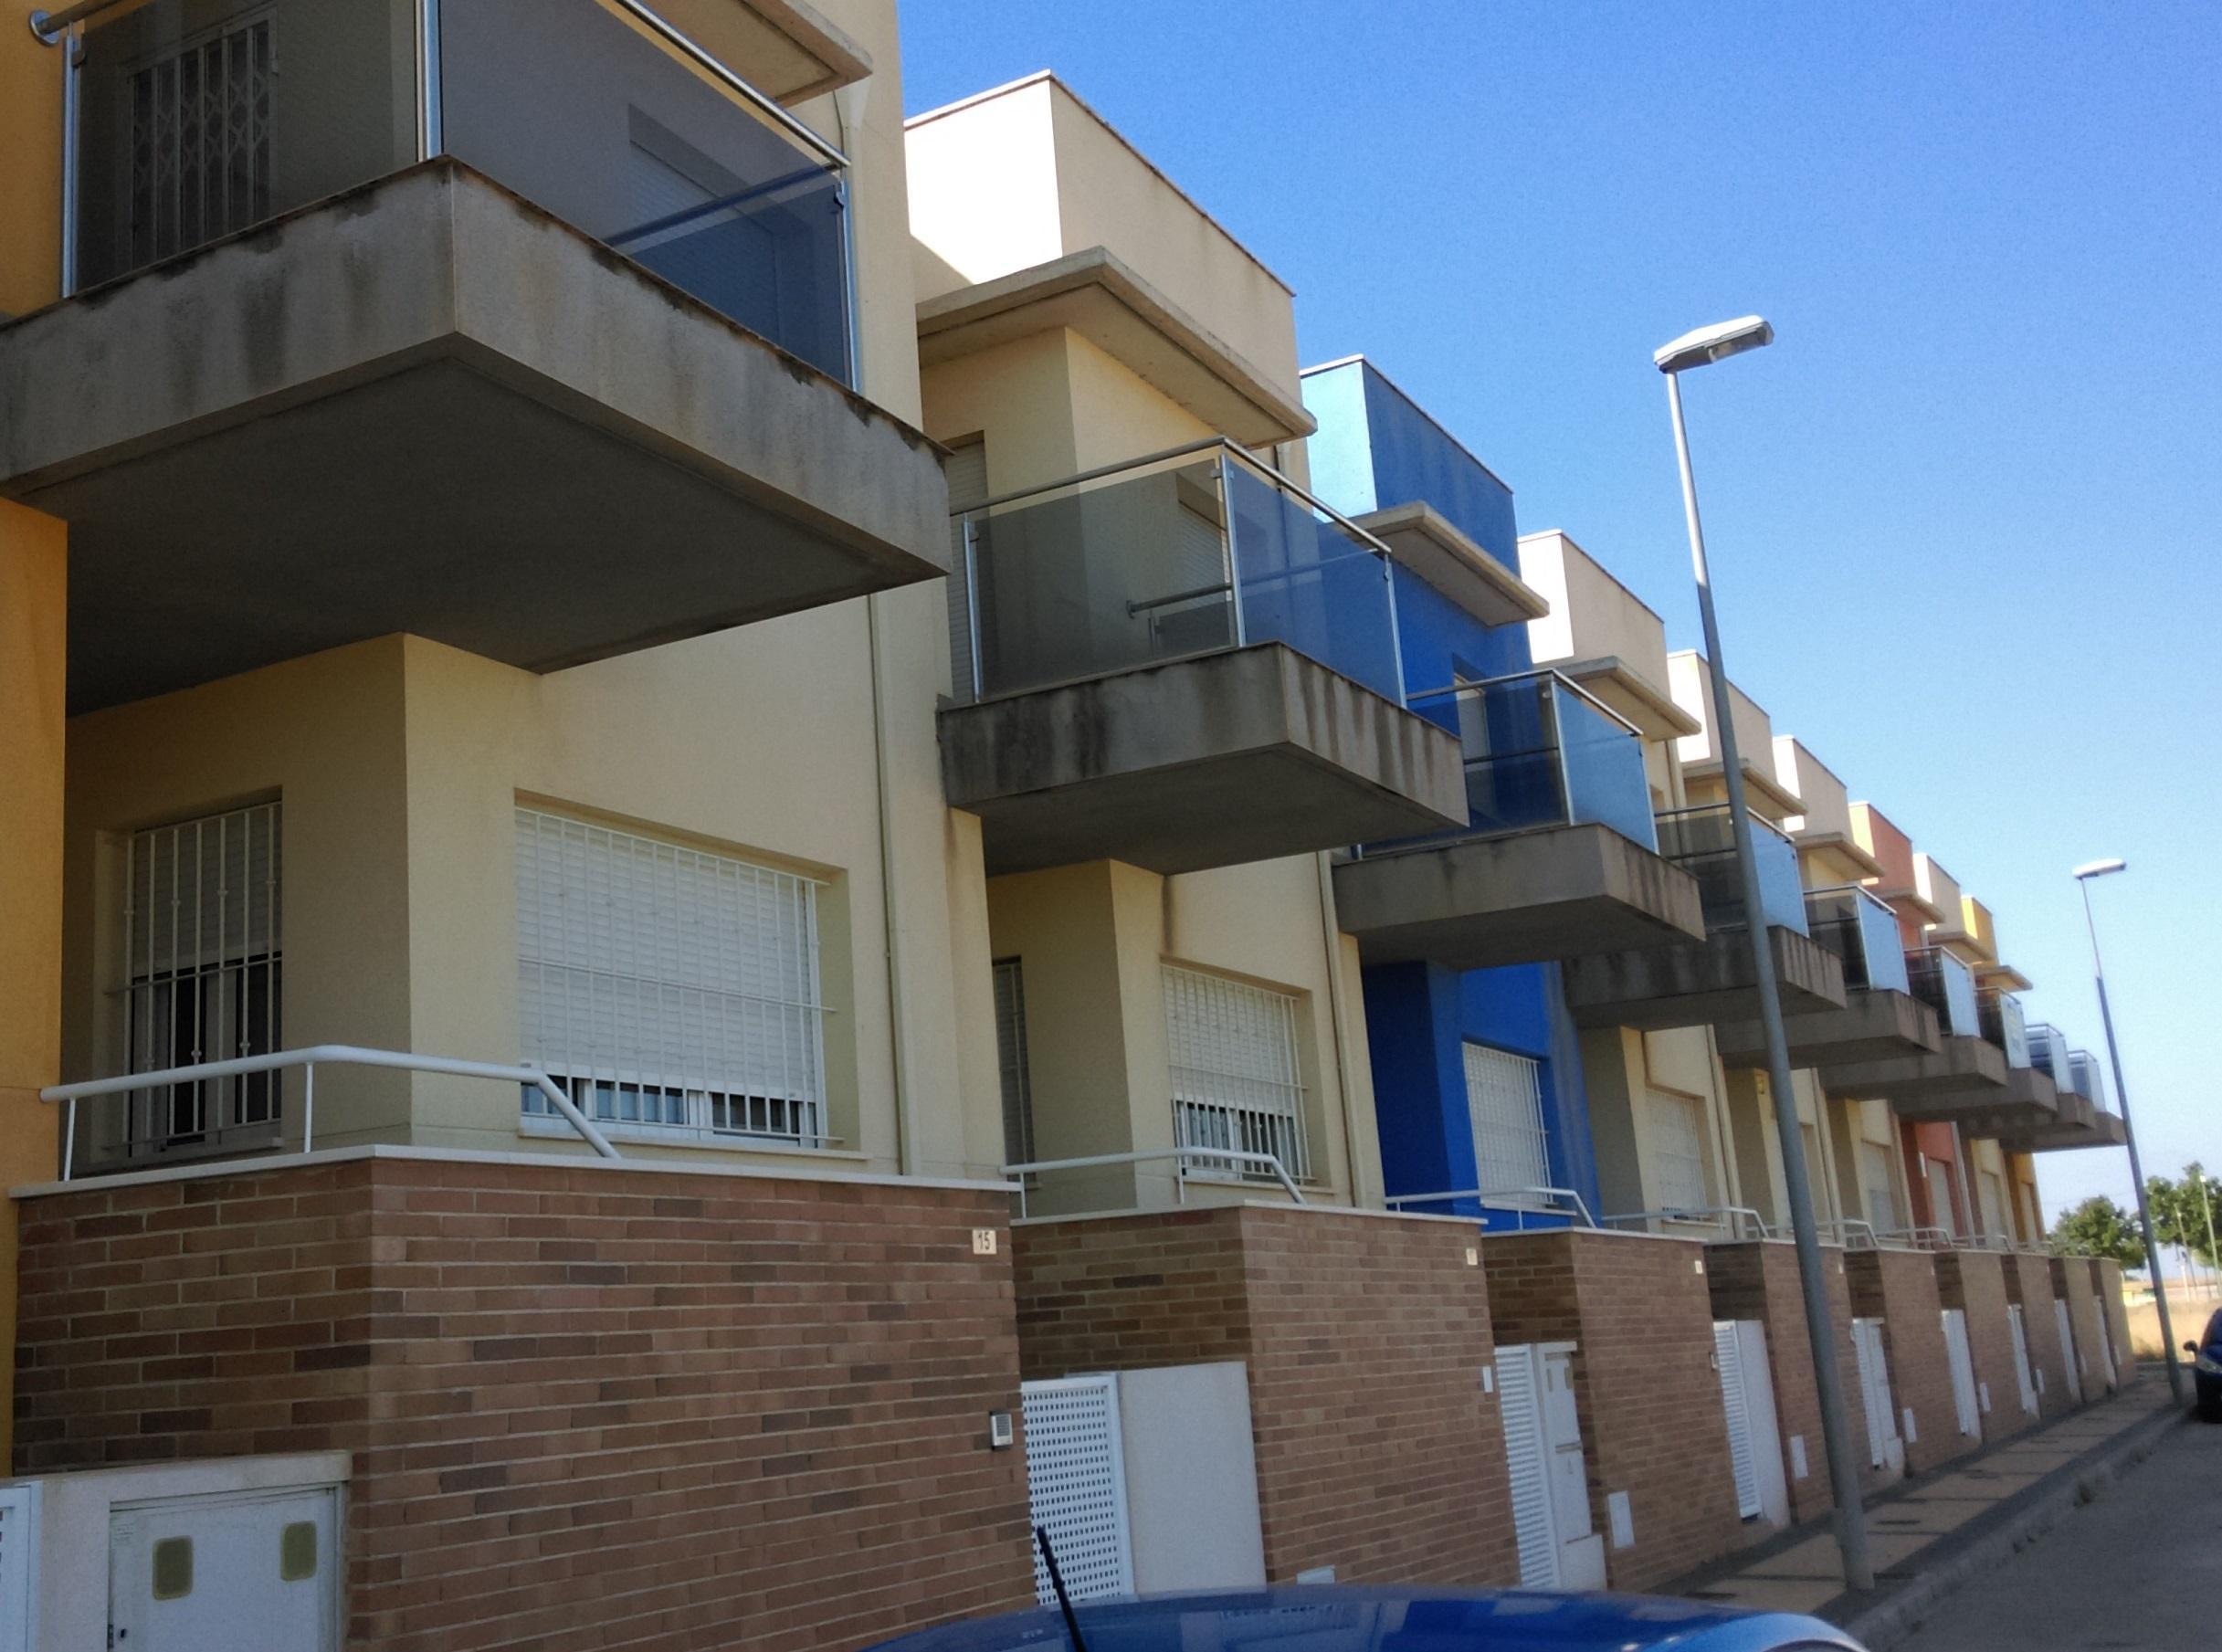 Casa en venta en Jimenado, Torre-pacheco, Murcia, Calle Calle Alondra, 129.100 €, 4 habitaciones, 2 baños, 209 m2